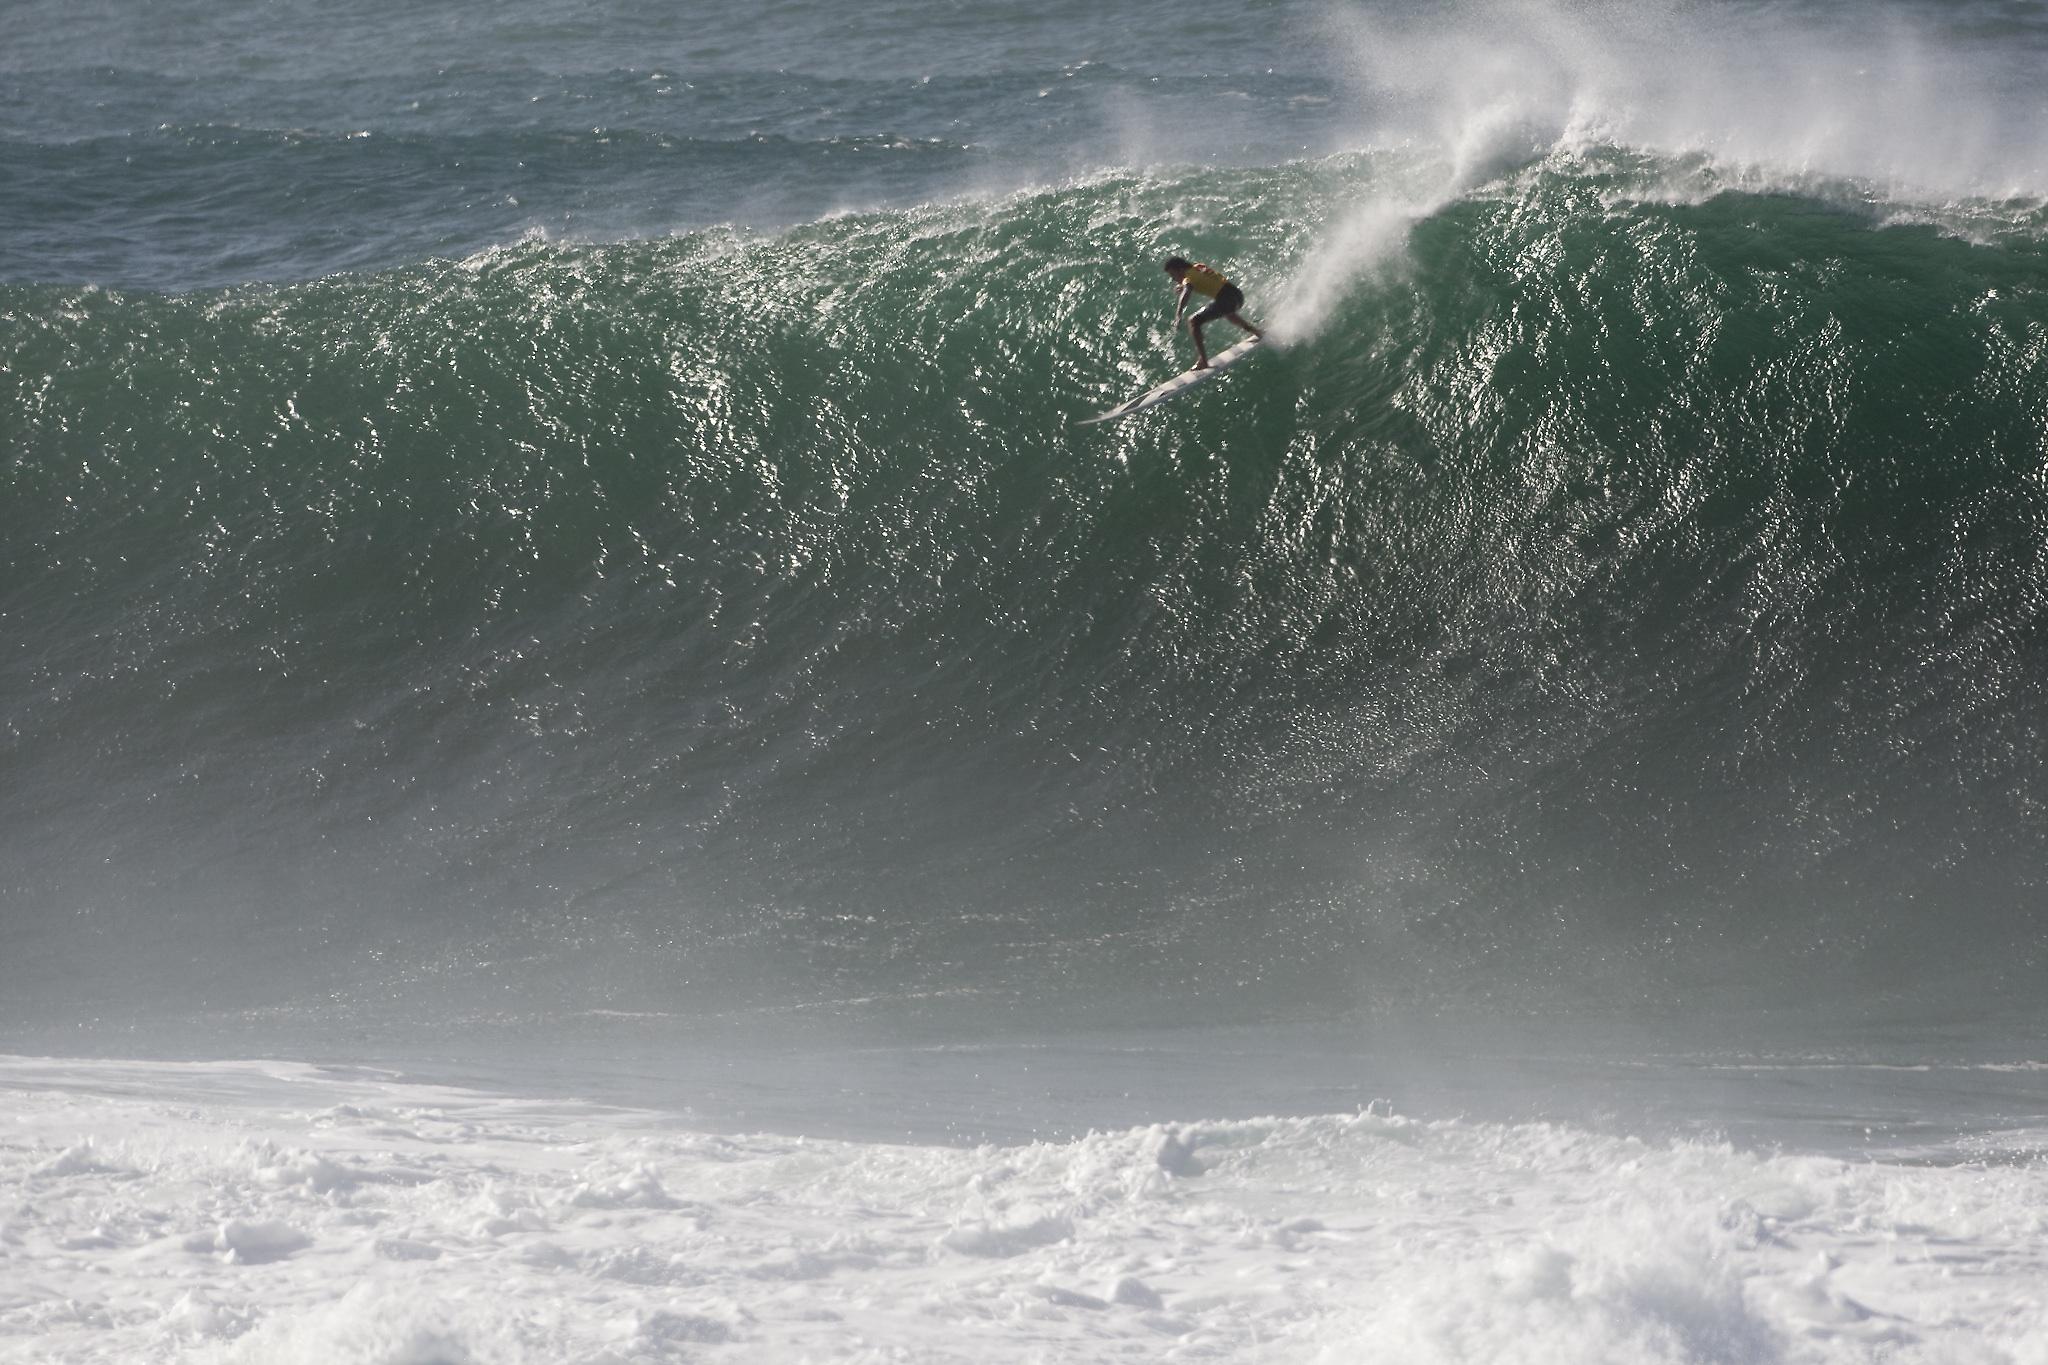 Surfing Rad Dudes